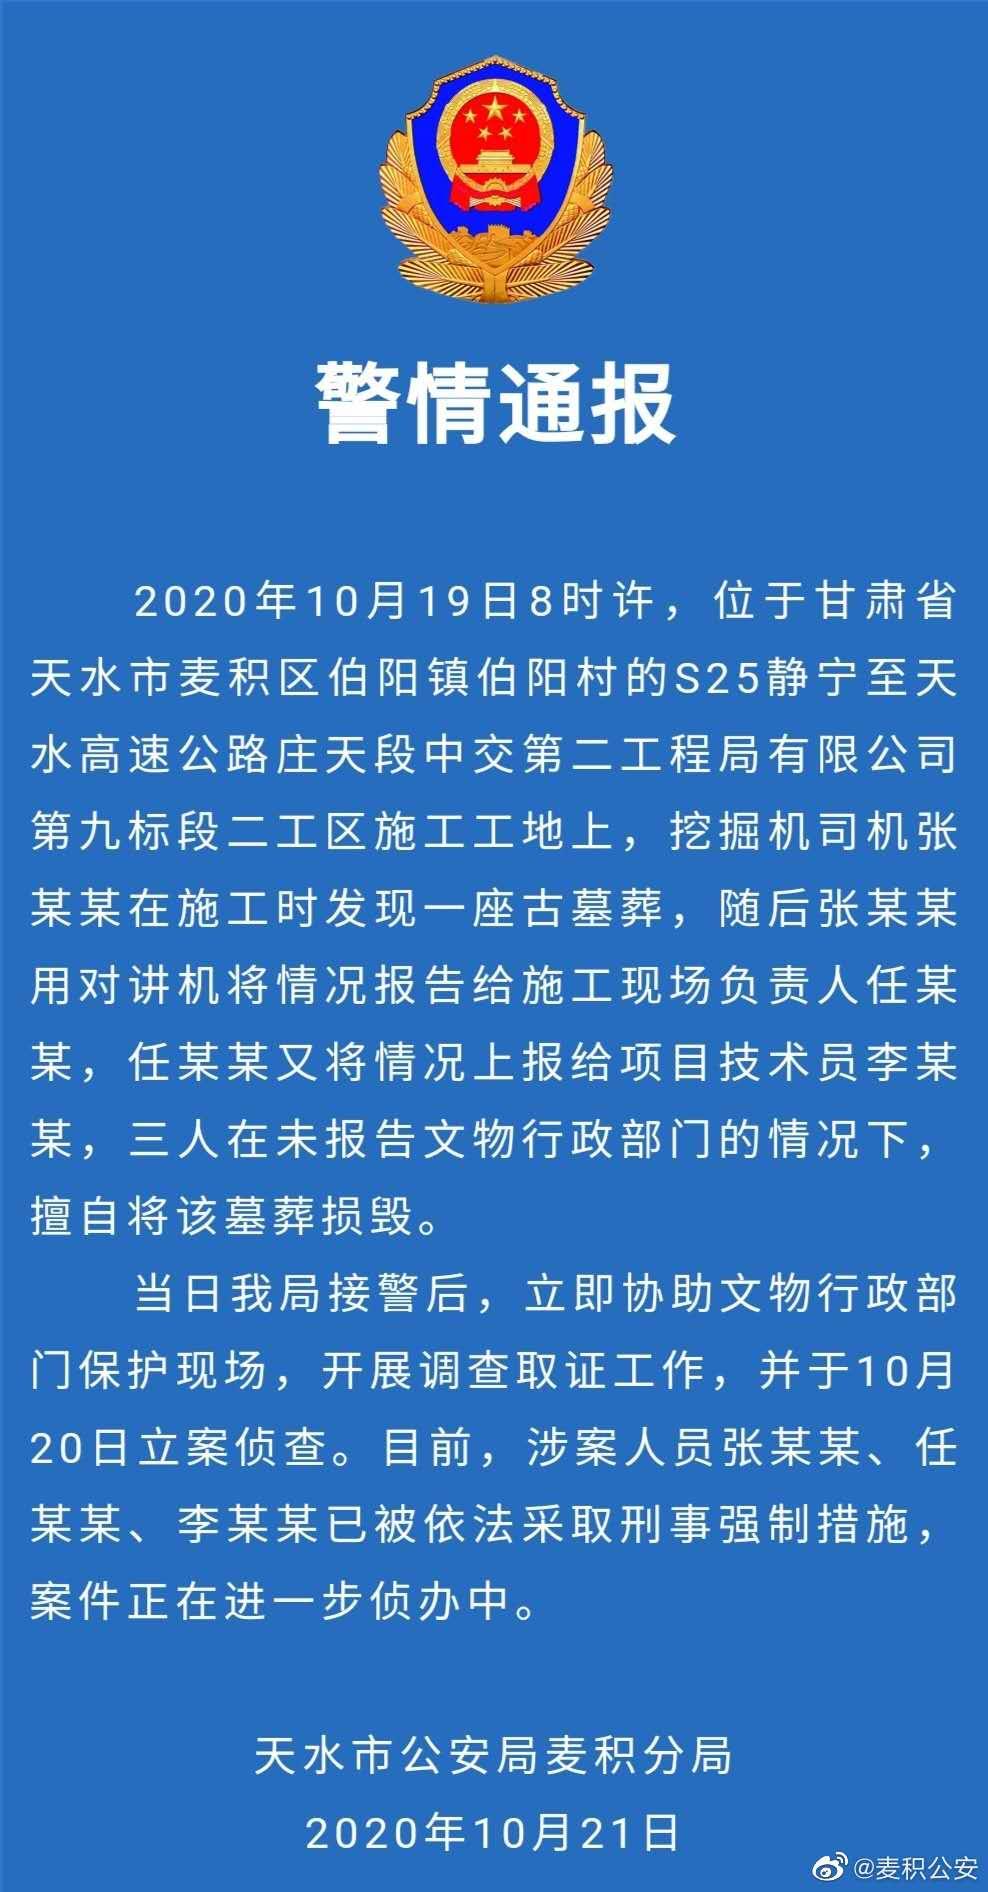 【彩乐园3app】_甘肃警方通报古墓损毁:对挖掘机司机等3人采取刑事强制措施